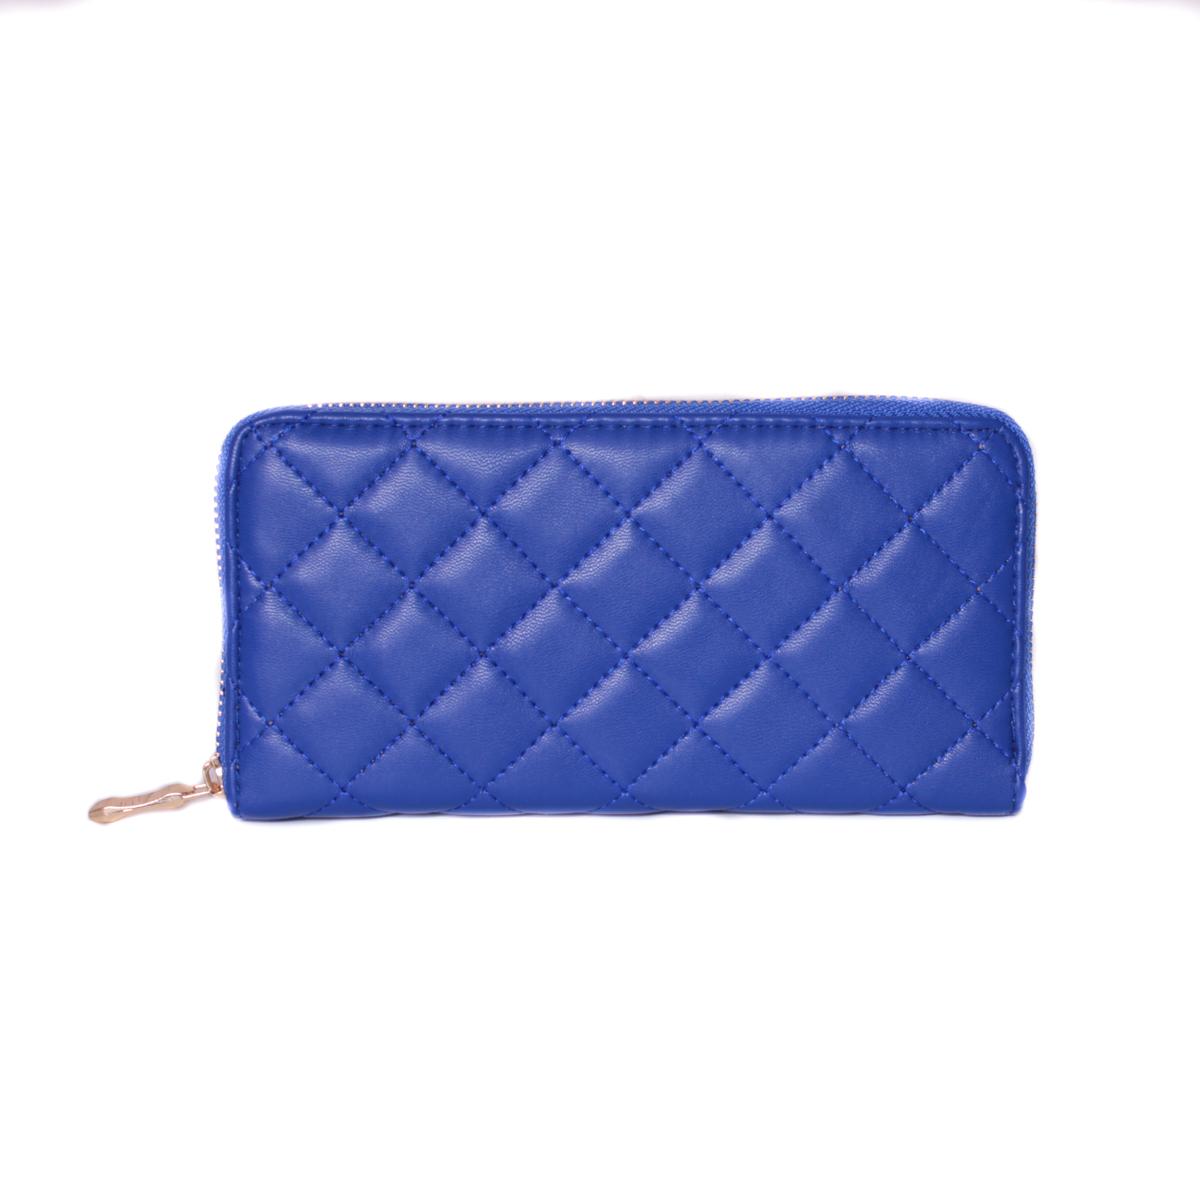 Кошелек женский Leighton, цвет: синий. 0005309600053096Закрывается на молнию. Внутри три отделения для купюр, одно отделение на молнии. Имеются отделения для карточек и визиток.